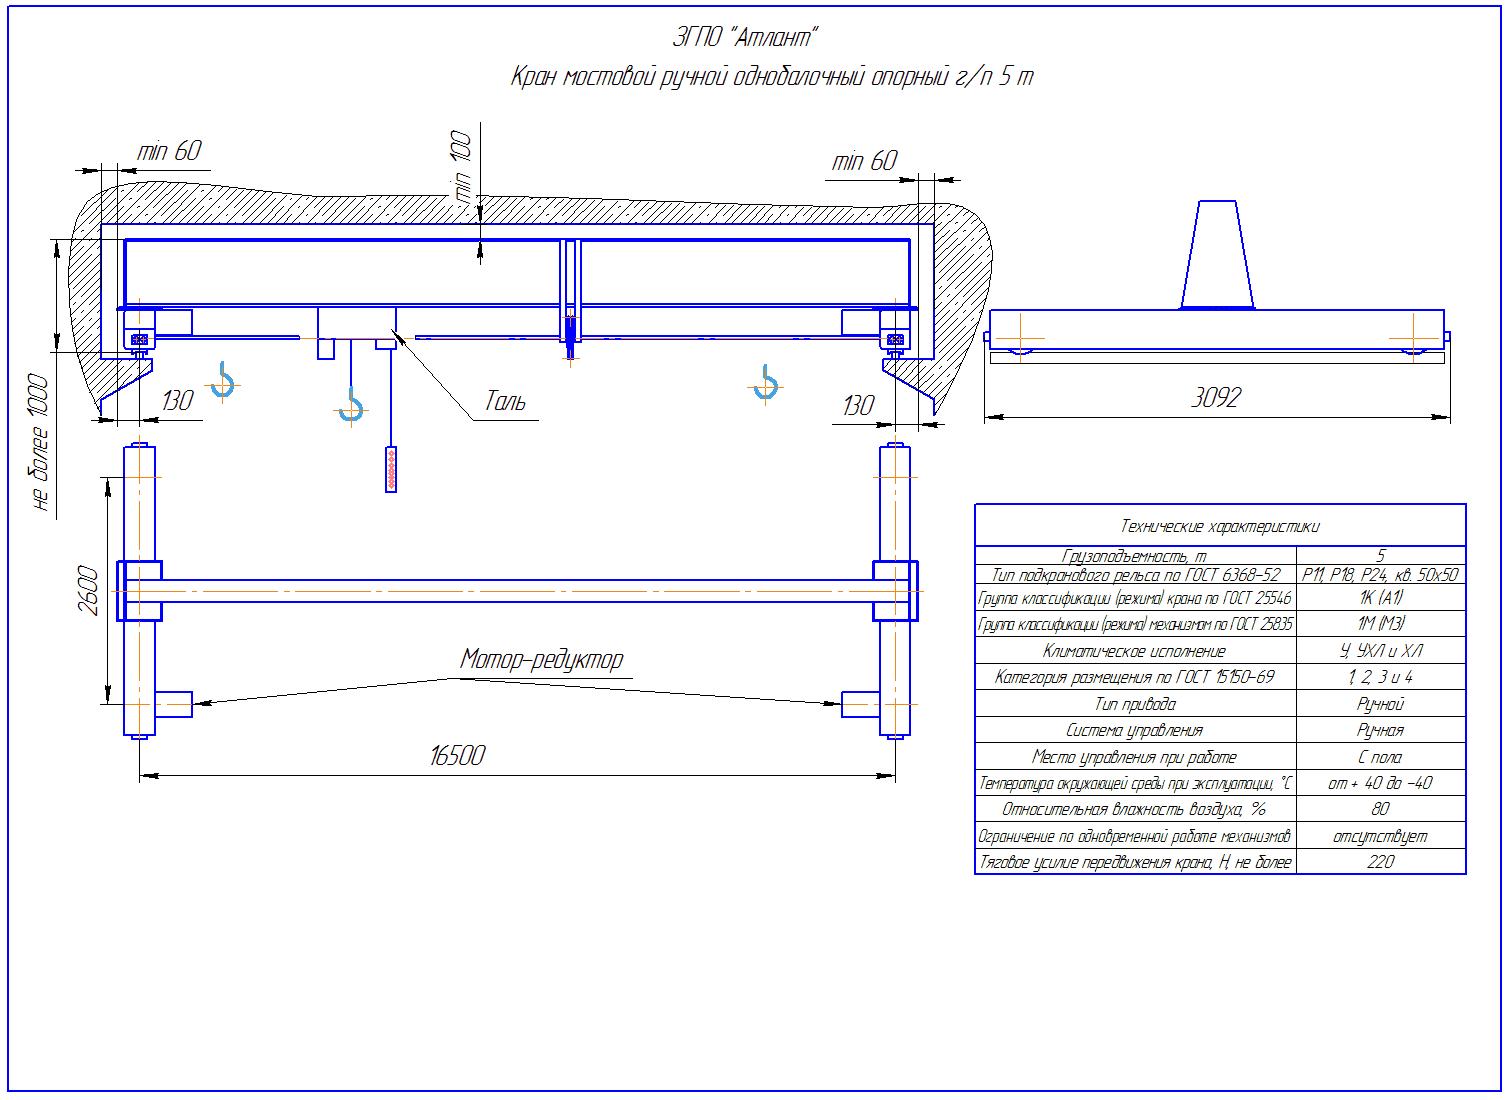 KRMOO 5 165 - Кран ручной мостовой опорный однобалочный